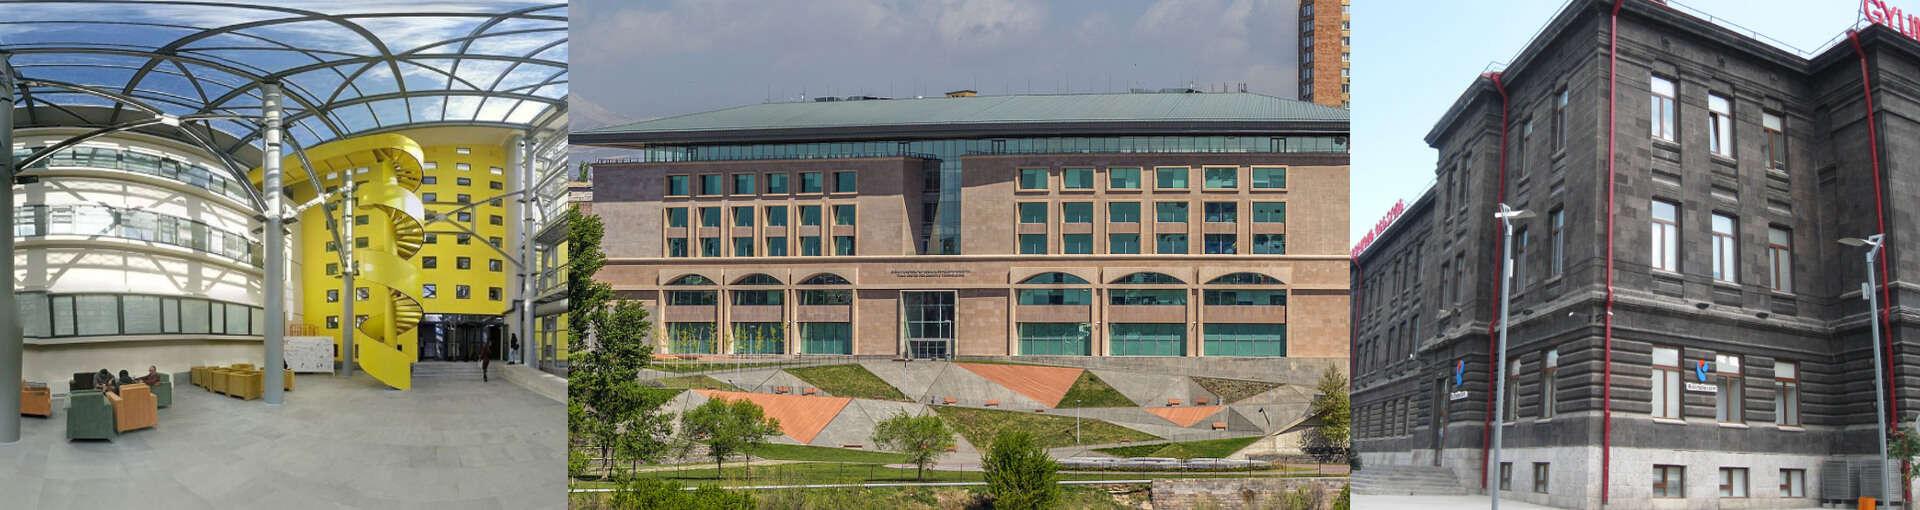 Технологические центры Армении